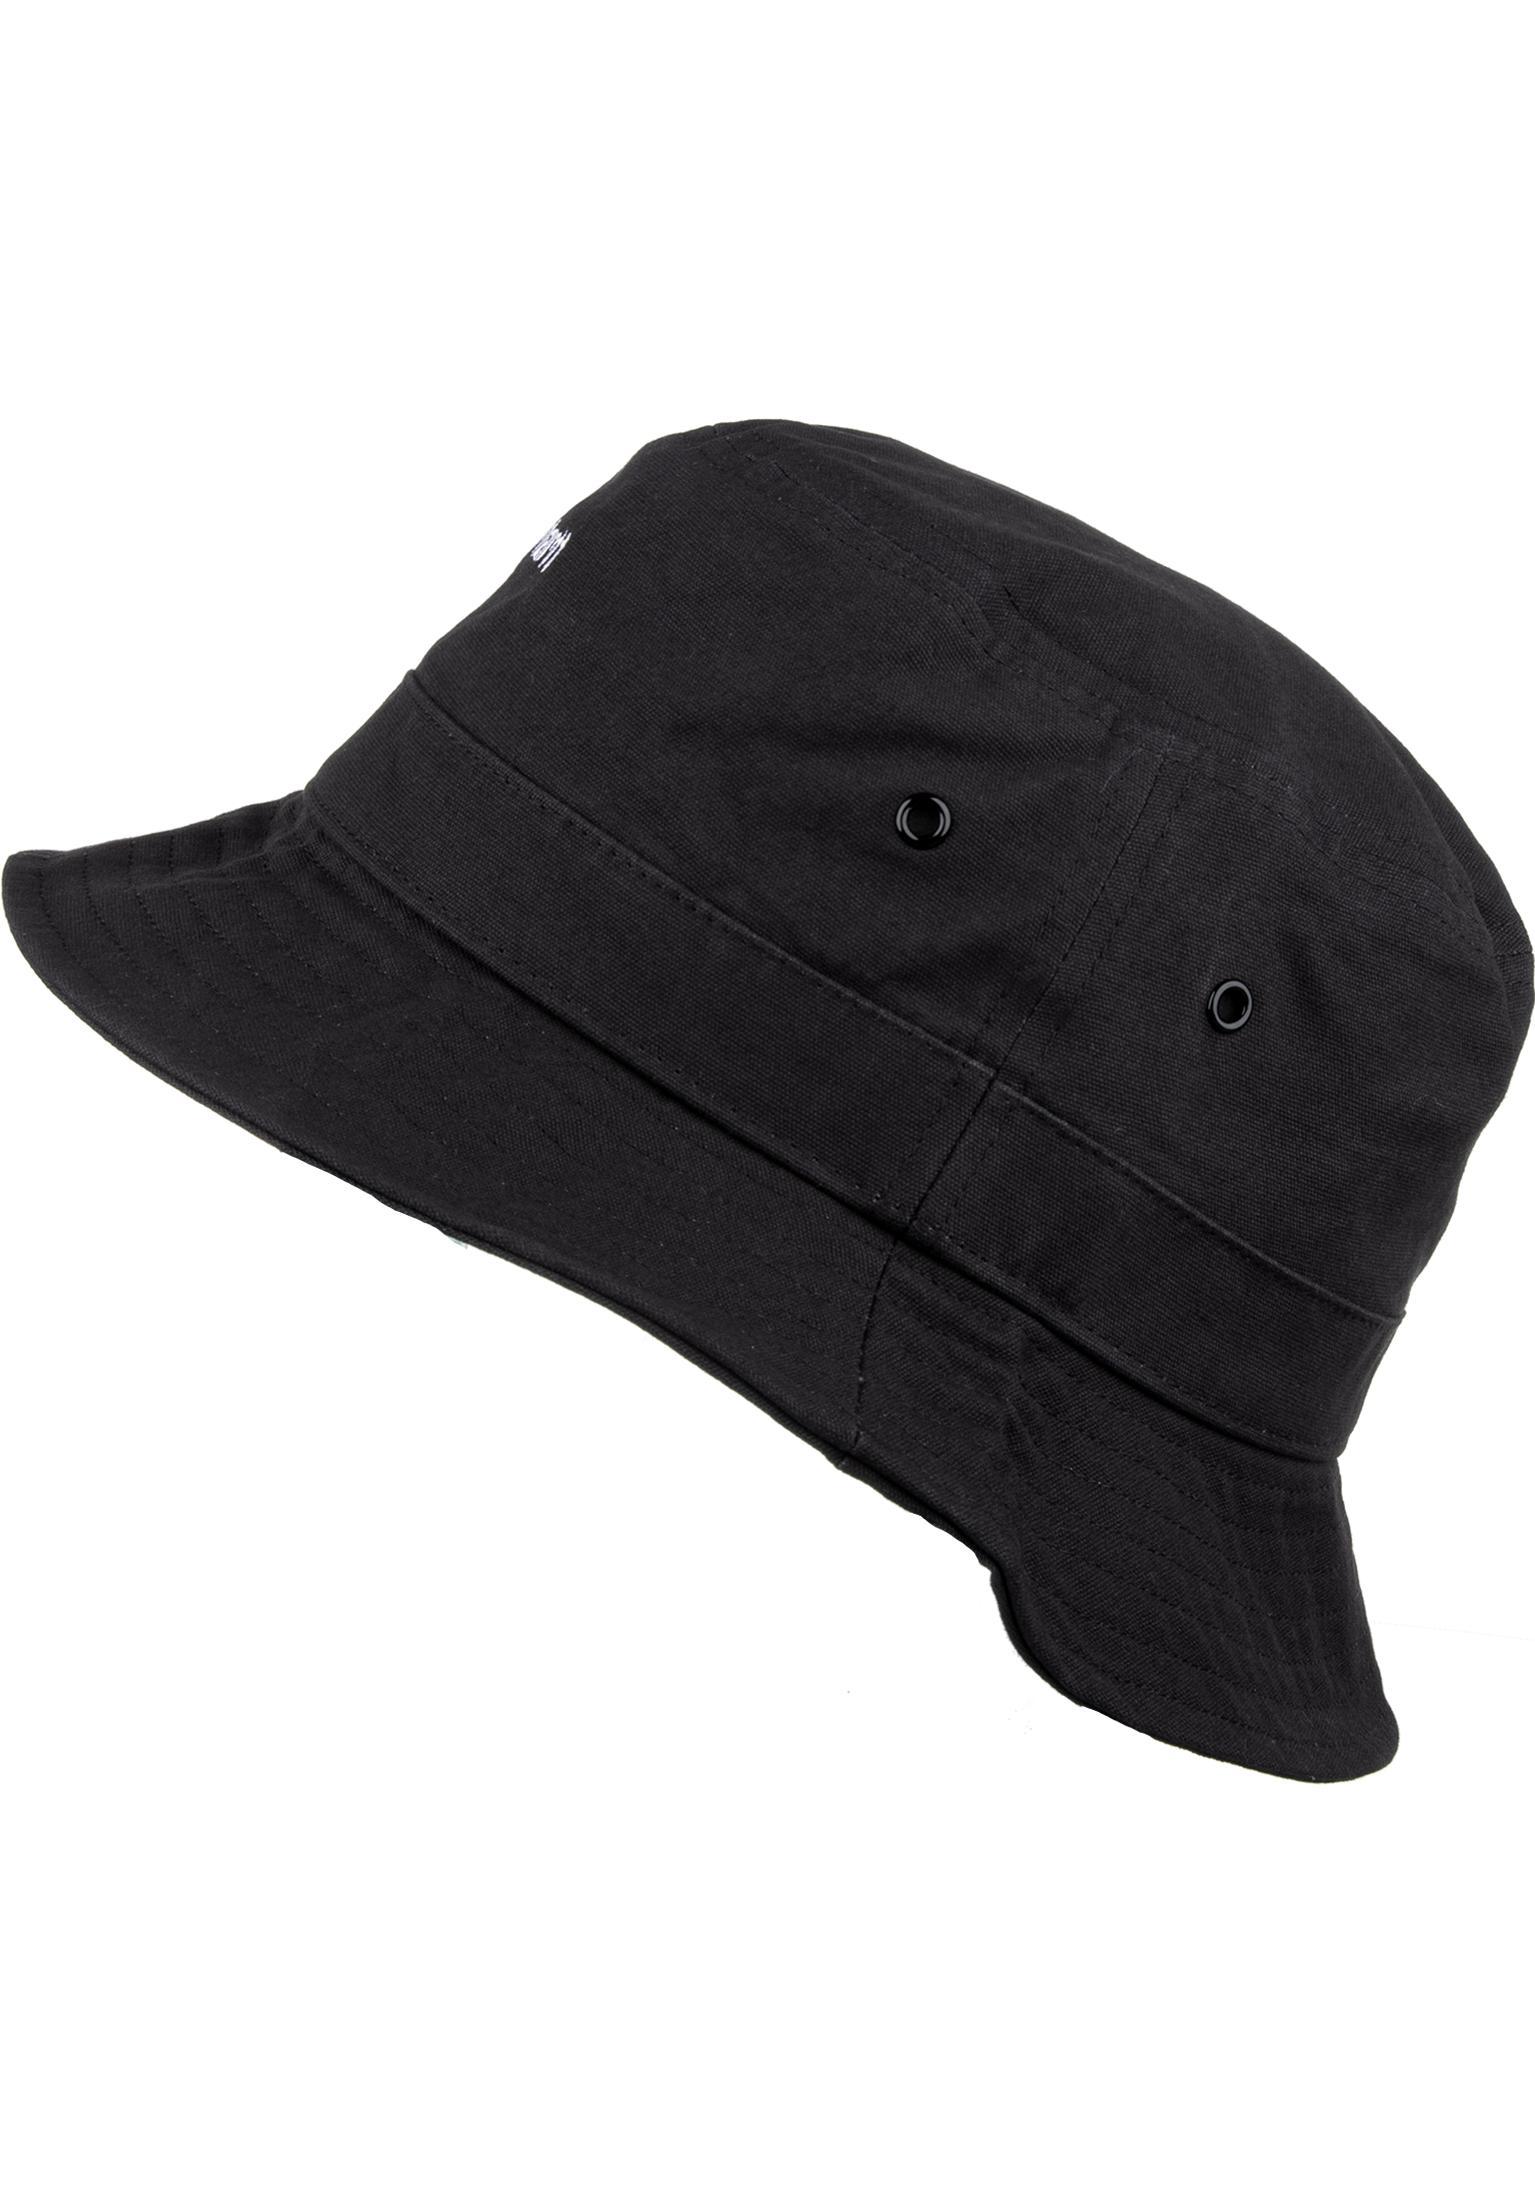 5612b8bf75b90 Script Bucket Hat Carhartt WIP Hats in black-white for Men